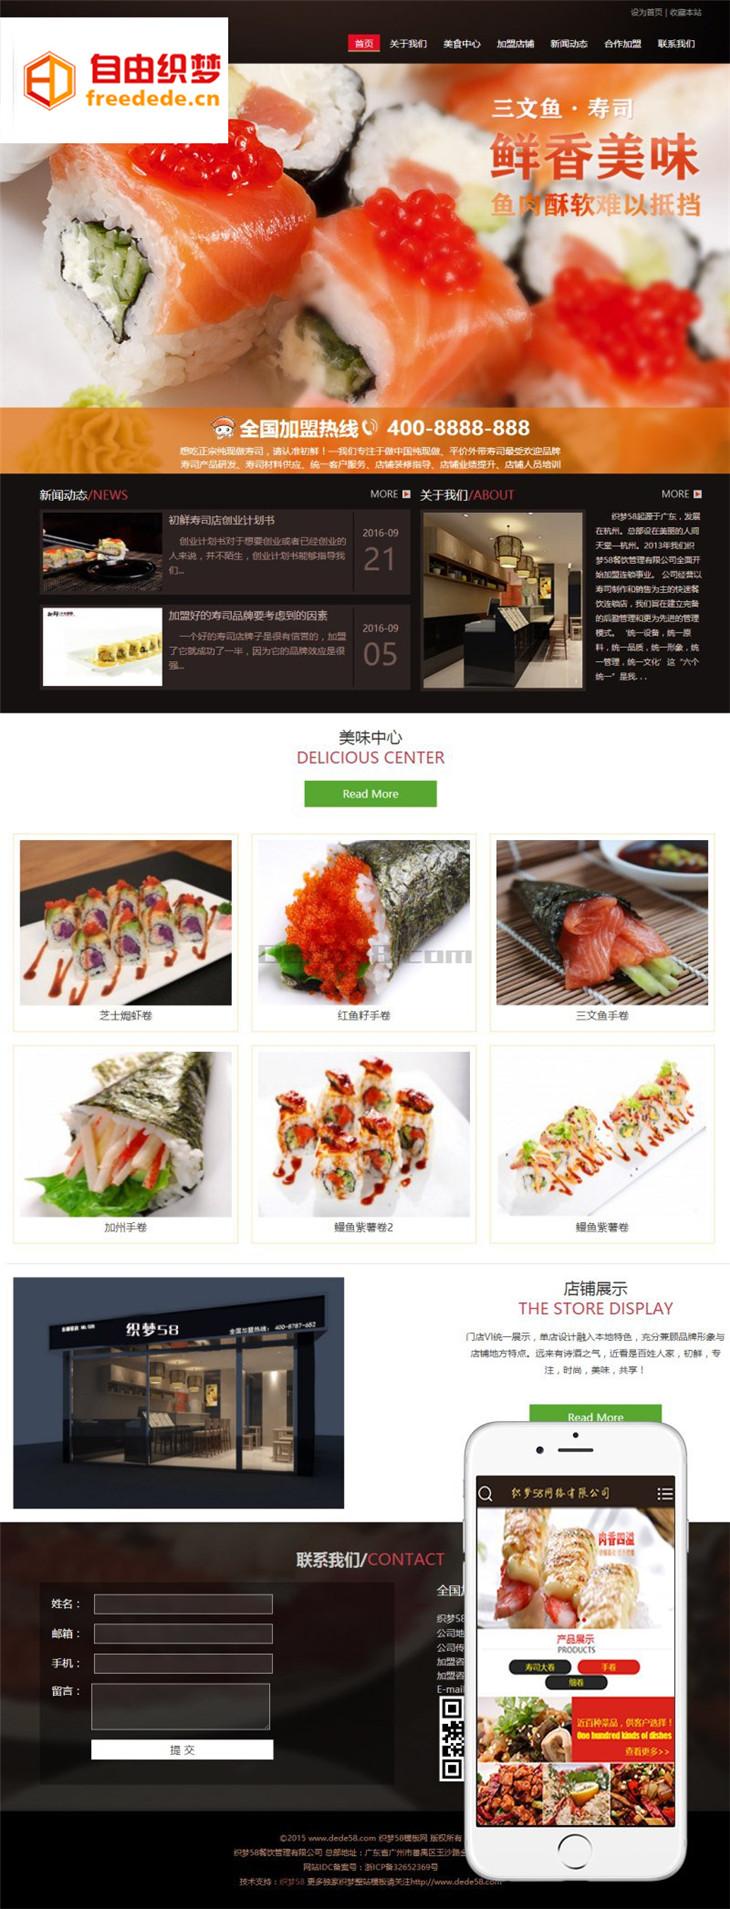 爱上源码网文章营销型寿司料理餐饮管理企业织梦dedecms模板(带手机端)整站源码下载的内容插图